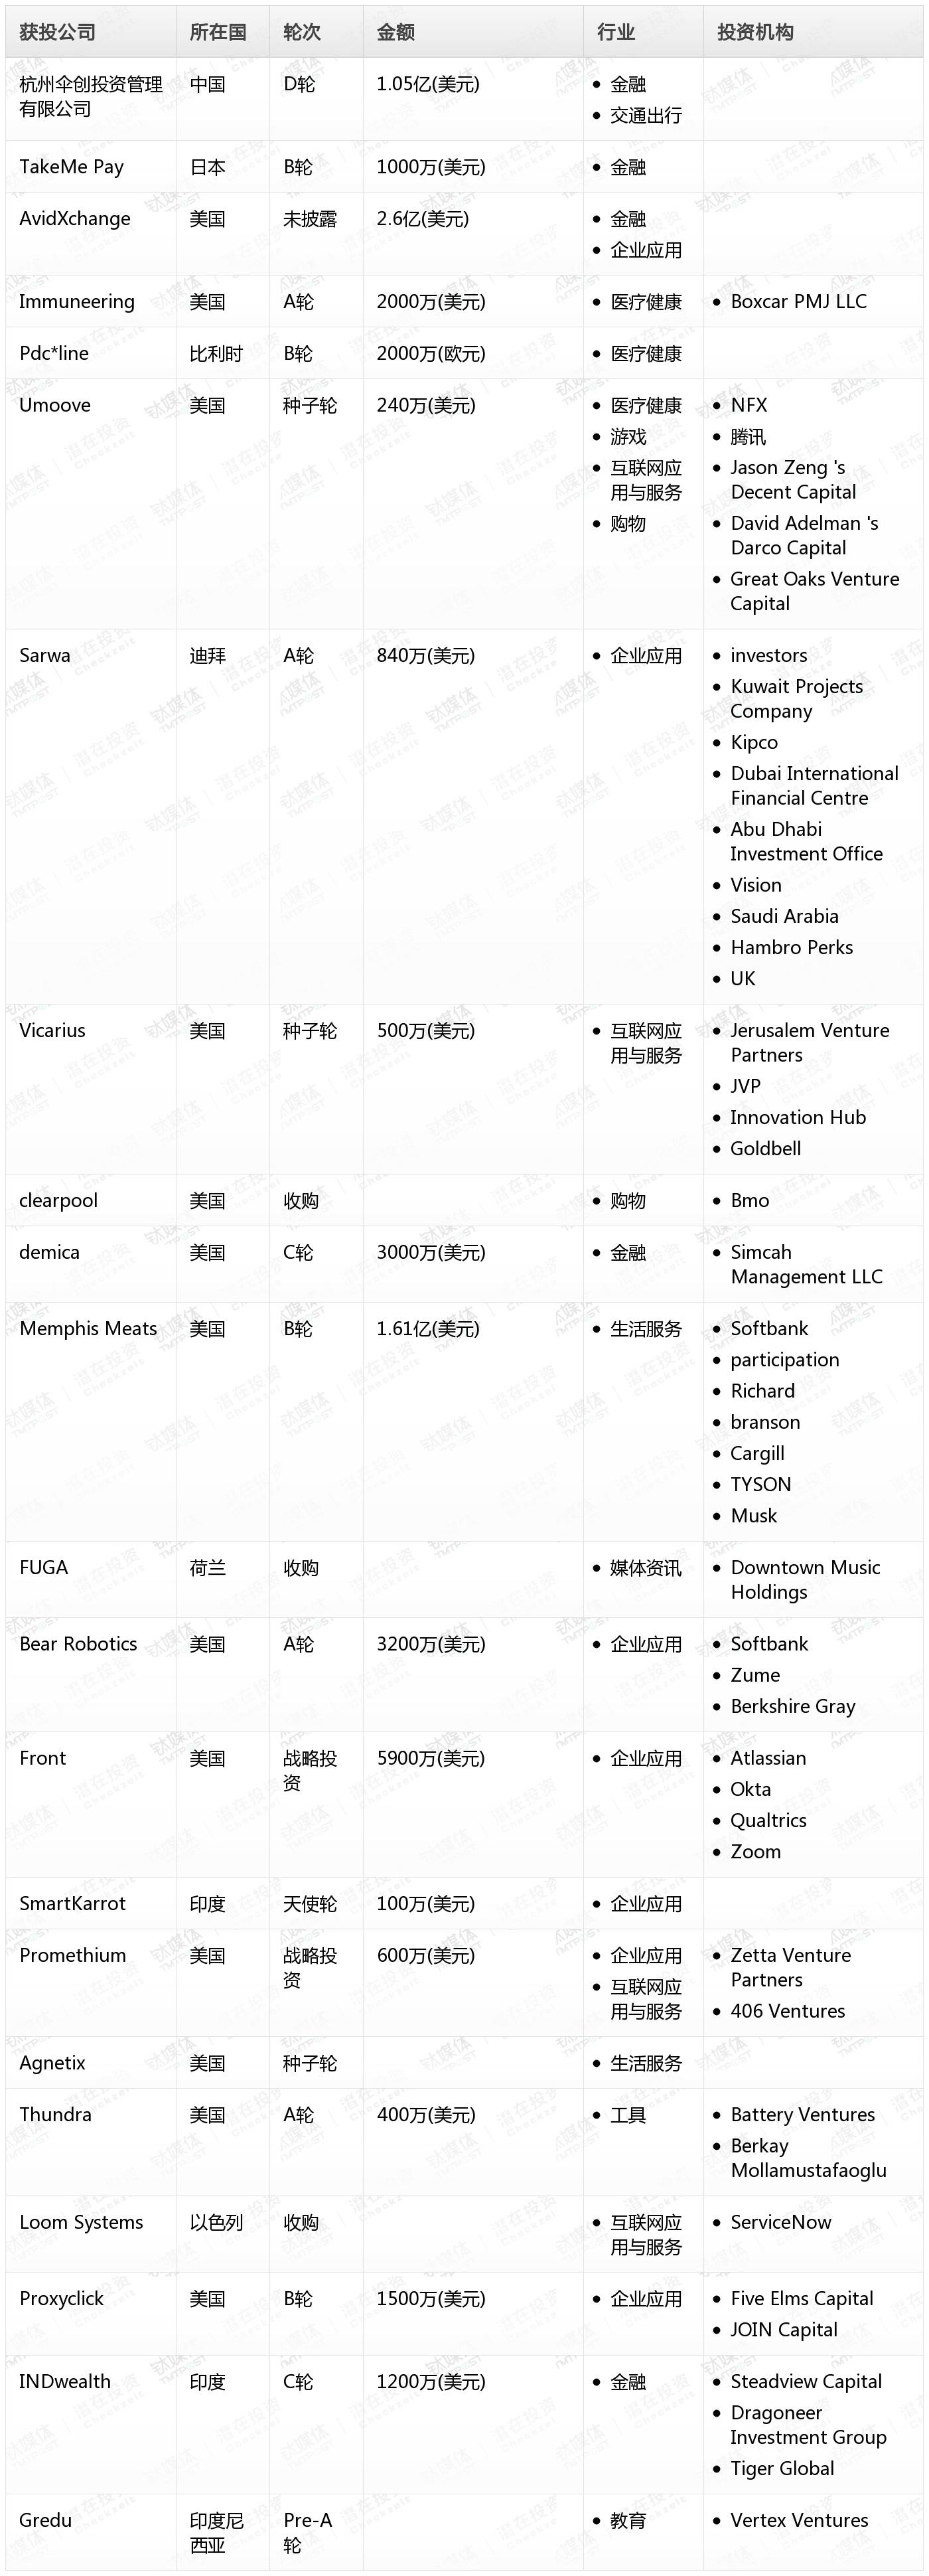 清风猫Pro创投日报:1月23日收录投融资项目22起